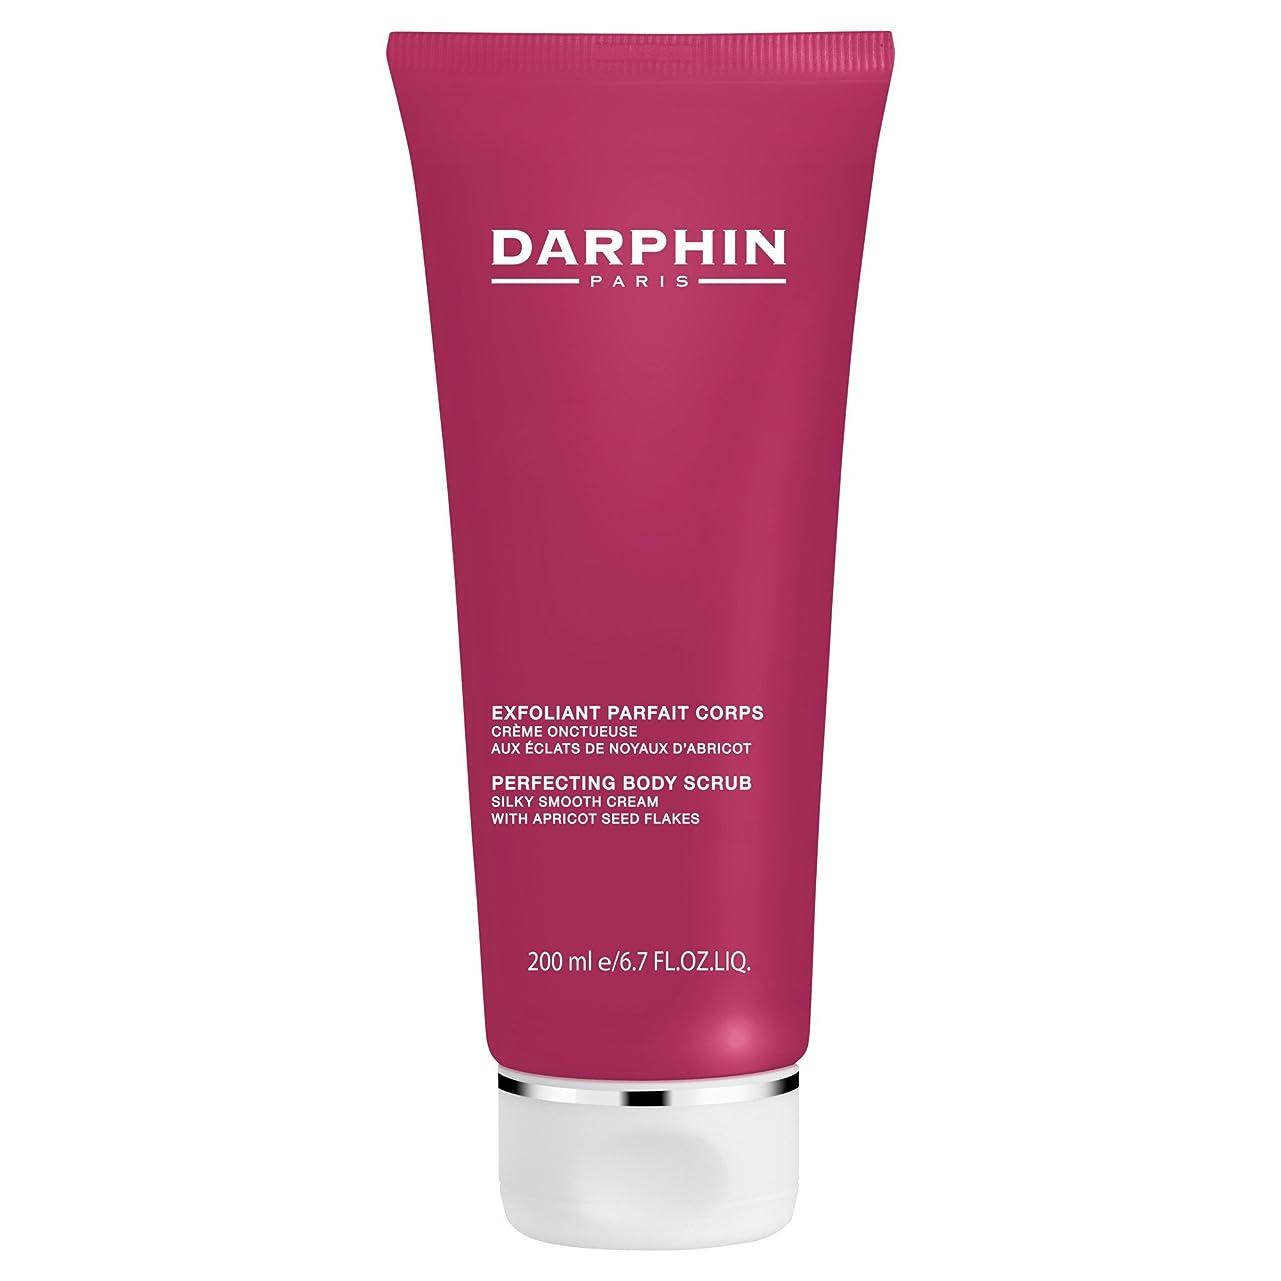 宙返り愛情深い変成器完成ボディスクラブ200ミリリットルダルファン (Darphin) (x2) - Darphin Perfecting Body Scrub 200ml (Pack of 2) [並行輸入品]